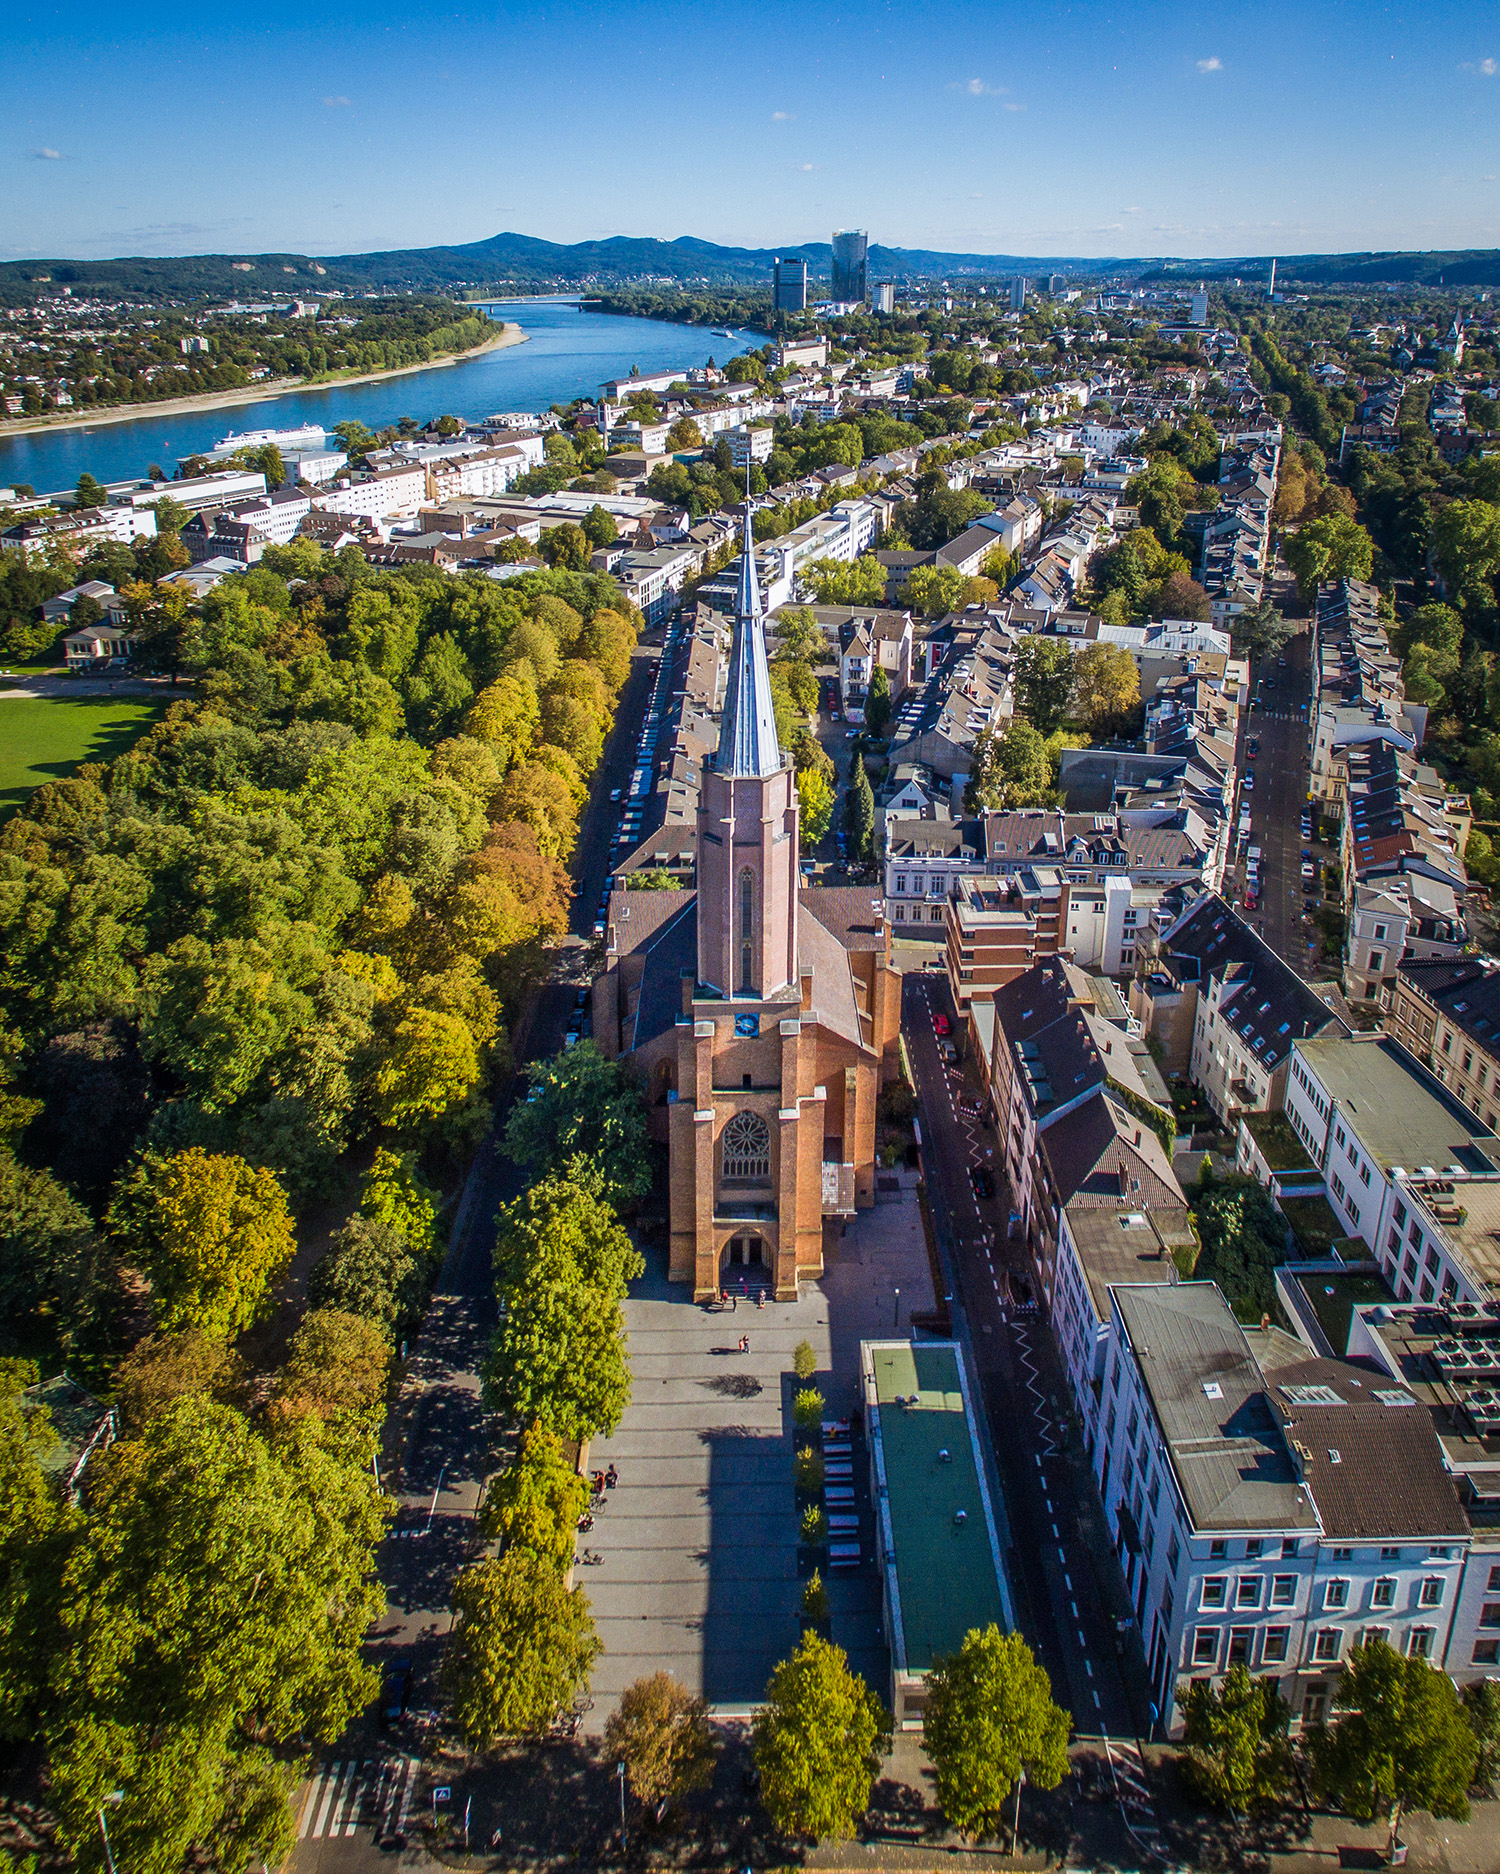 Die Kreuzkirche: evangelische Stadtkirche im Herzen Bonns und größte protestantische Kirche am Mittelrhein. (Foto: Volker Lannert)